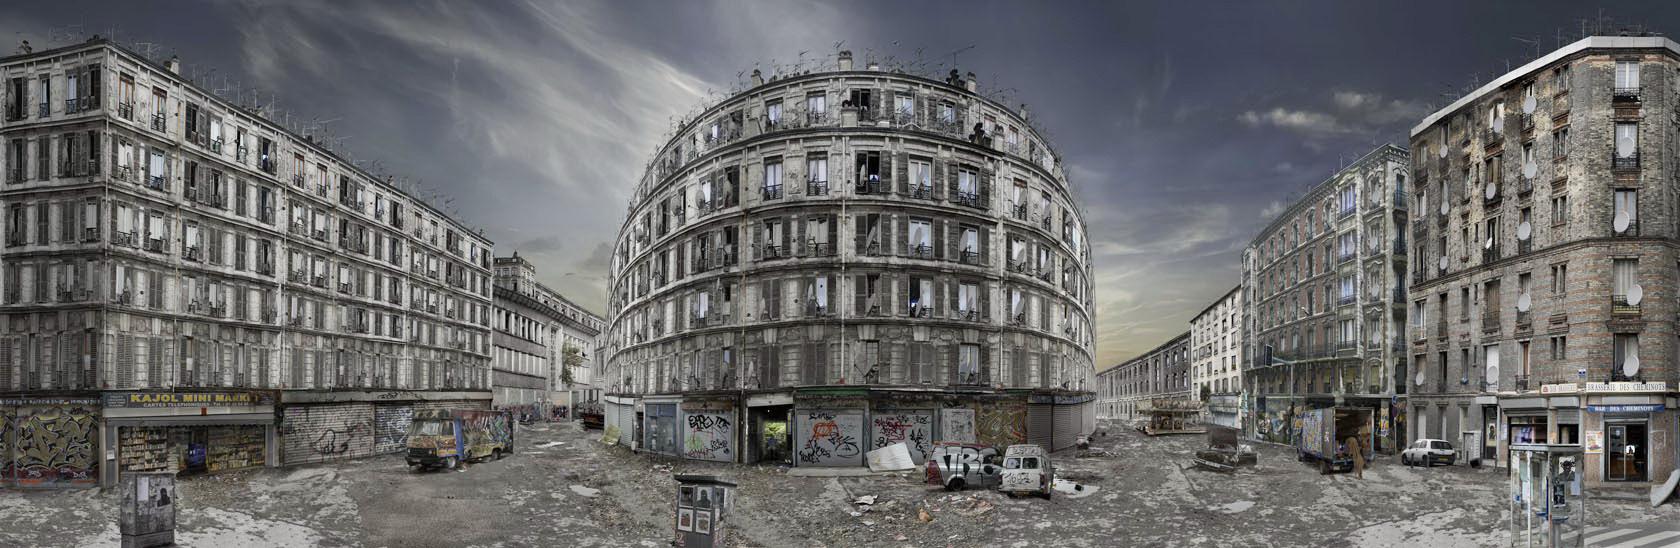 8.Cité-Idéale